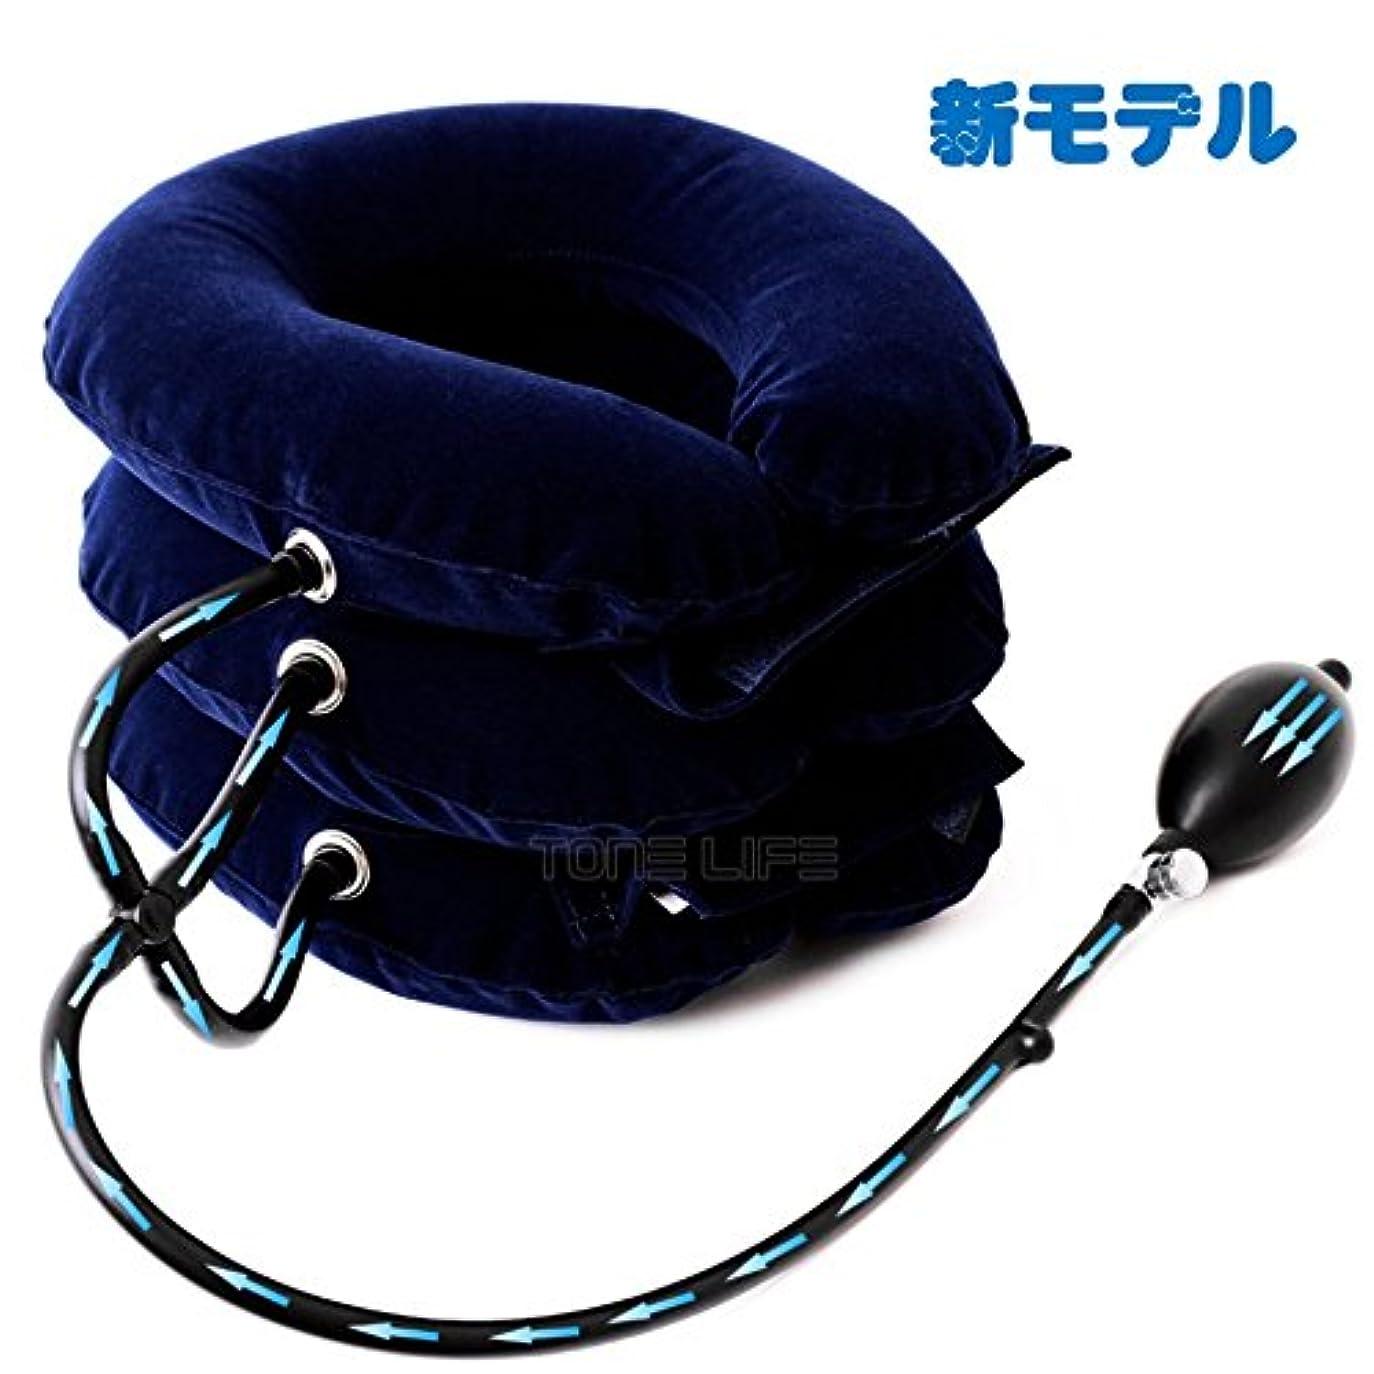 と組むシンカンゴミTONELIFE 3つ又チューブ エアー ネックストレッチャー 頚椎カラー 軽量 首サポーター 頸椎牽引装置 三つ叉ポンプ式 説明書付き (ブルー/蓝色)